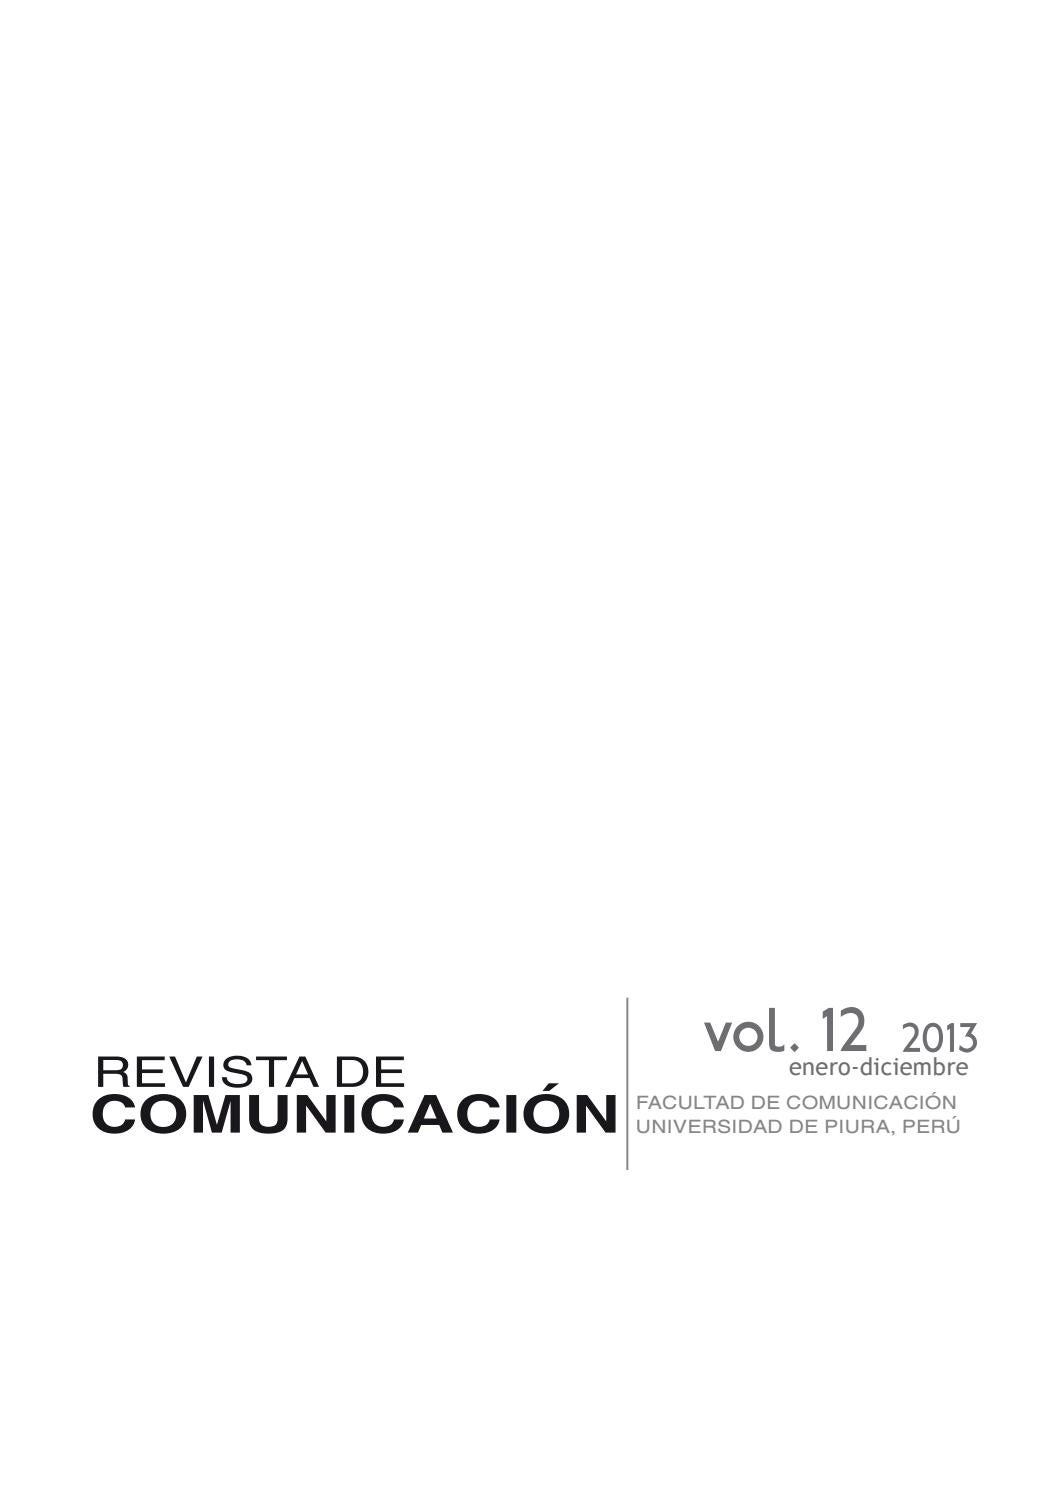 Revista de Comunicación vol. XII, 2013. Universidad de Piura by ...